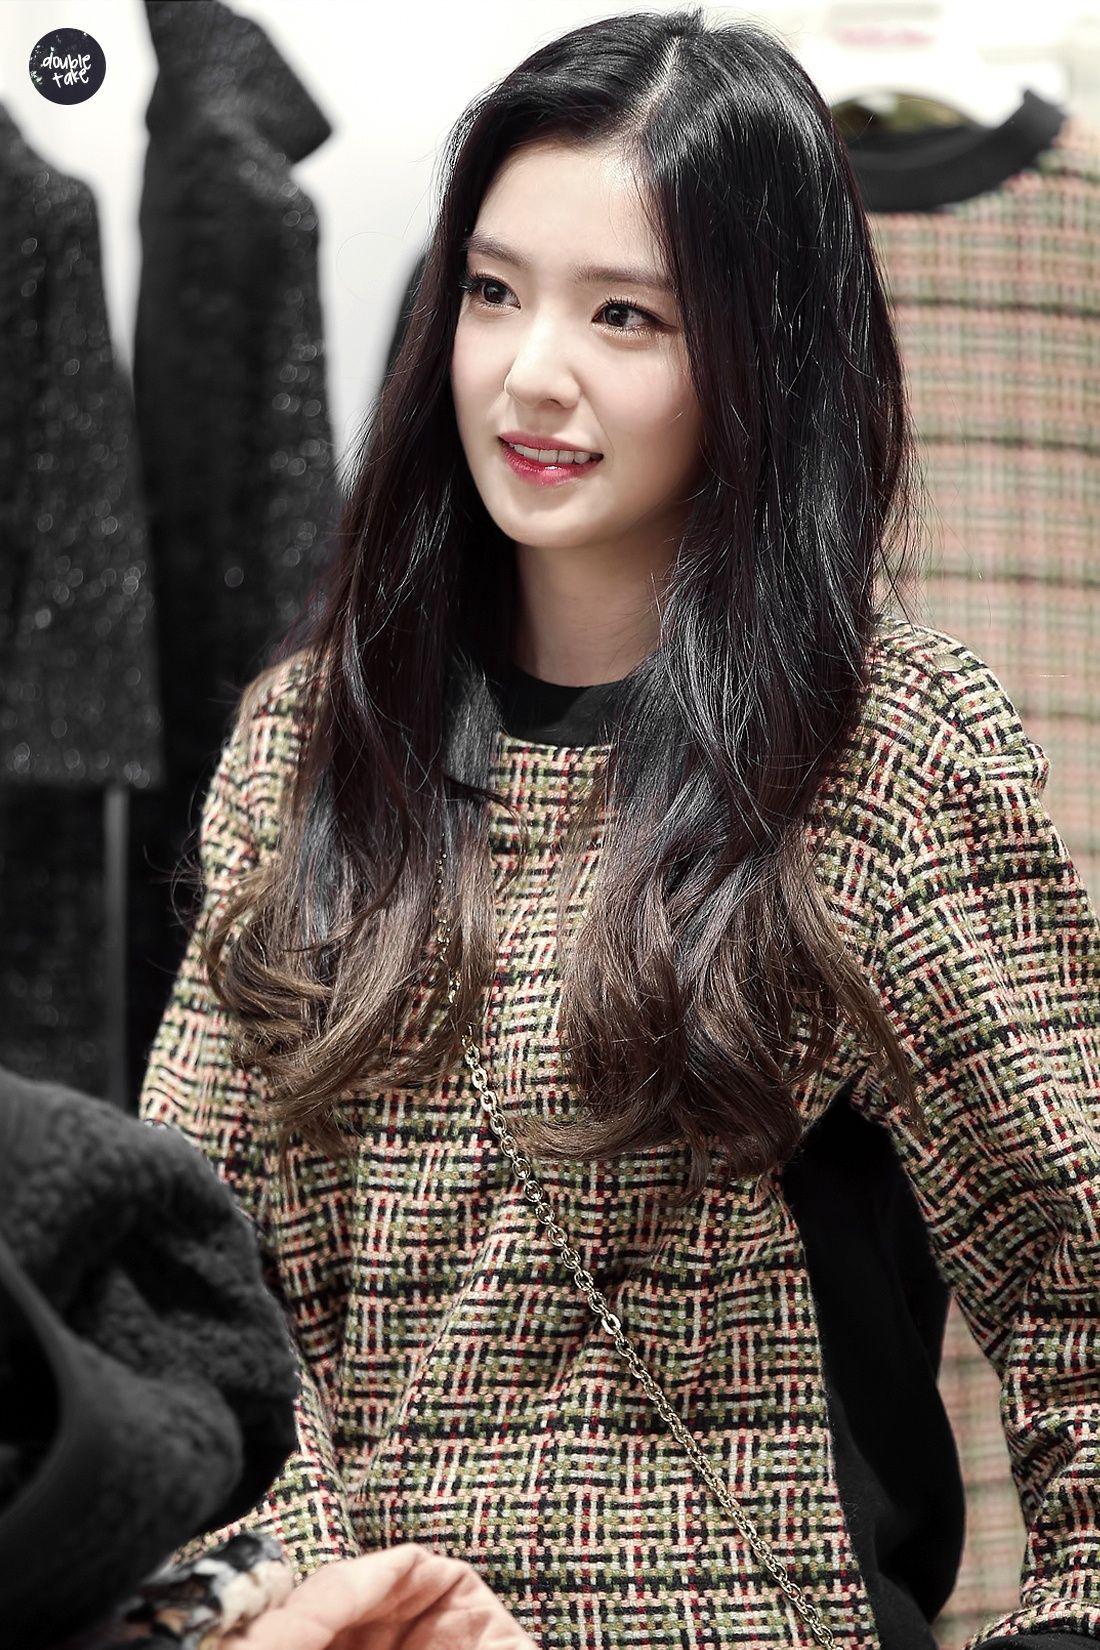 Koreans Claim These 2 Hairstyles Make Girls Look Innocent Koreaboo Red Velvet Irene Hair Styles Straight Black Hair